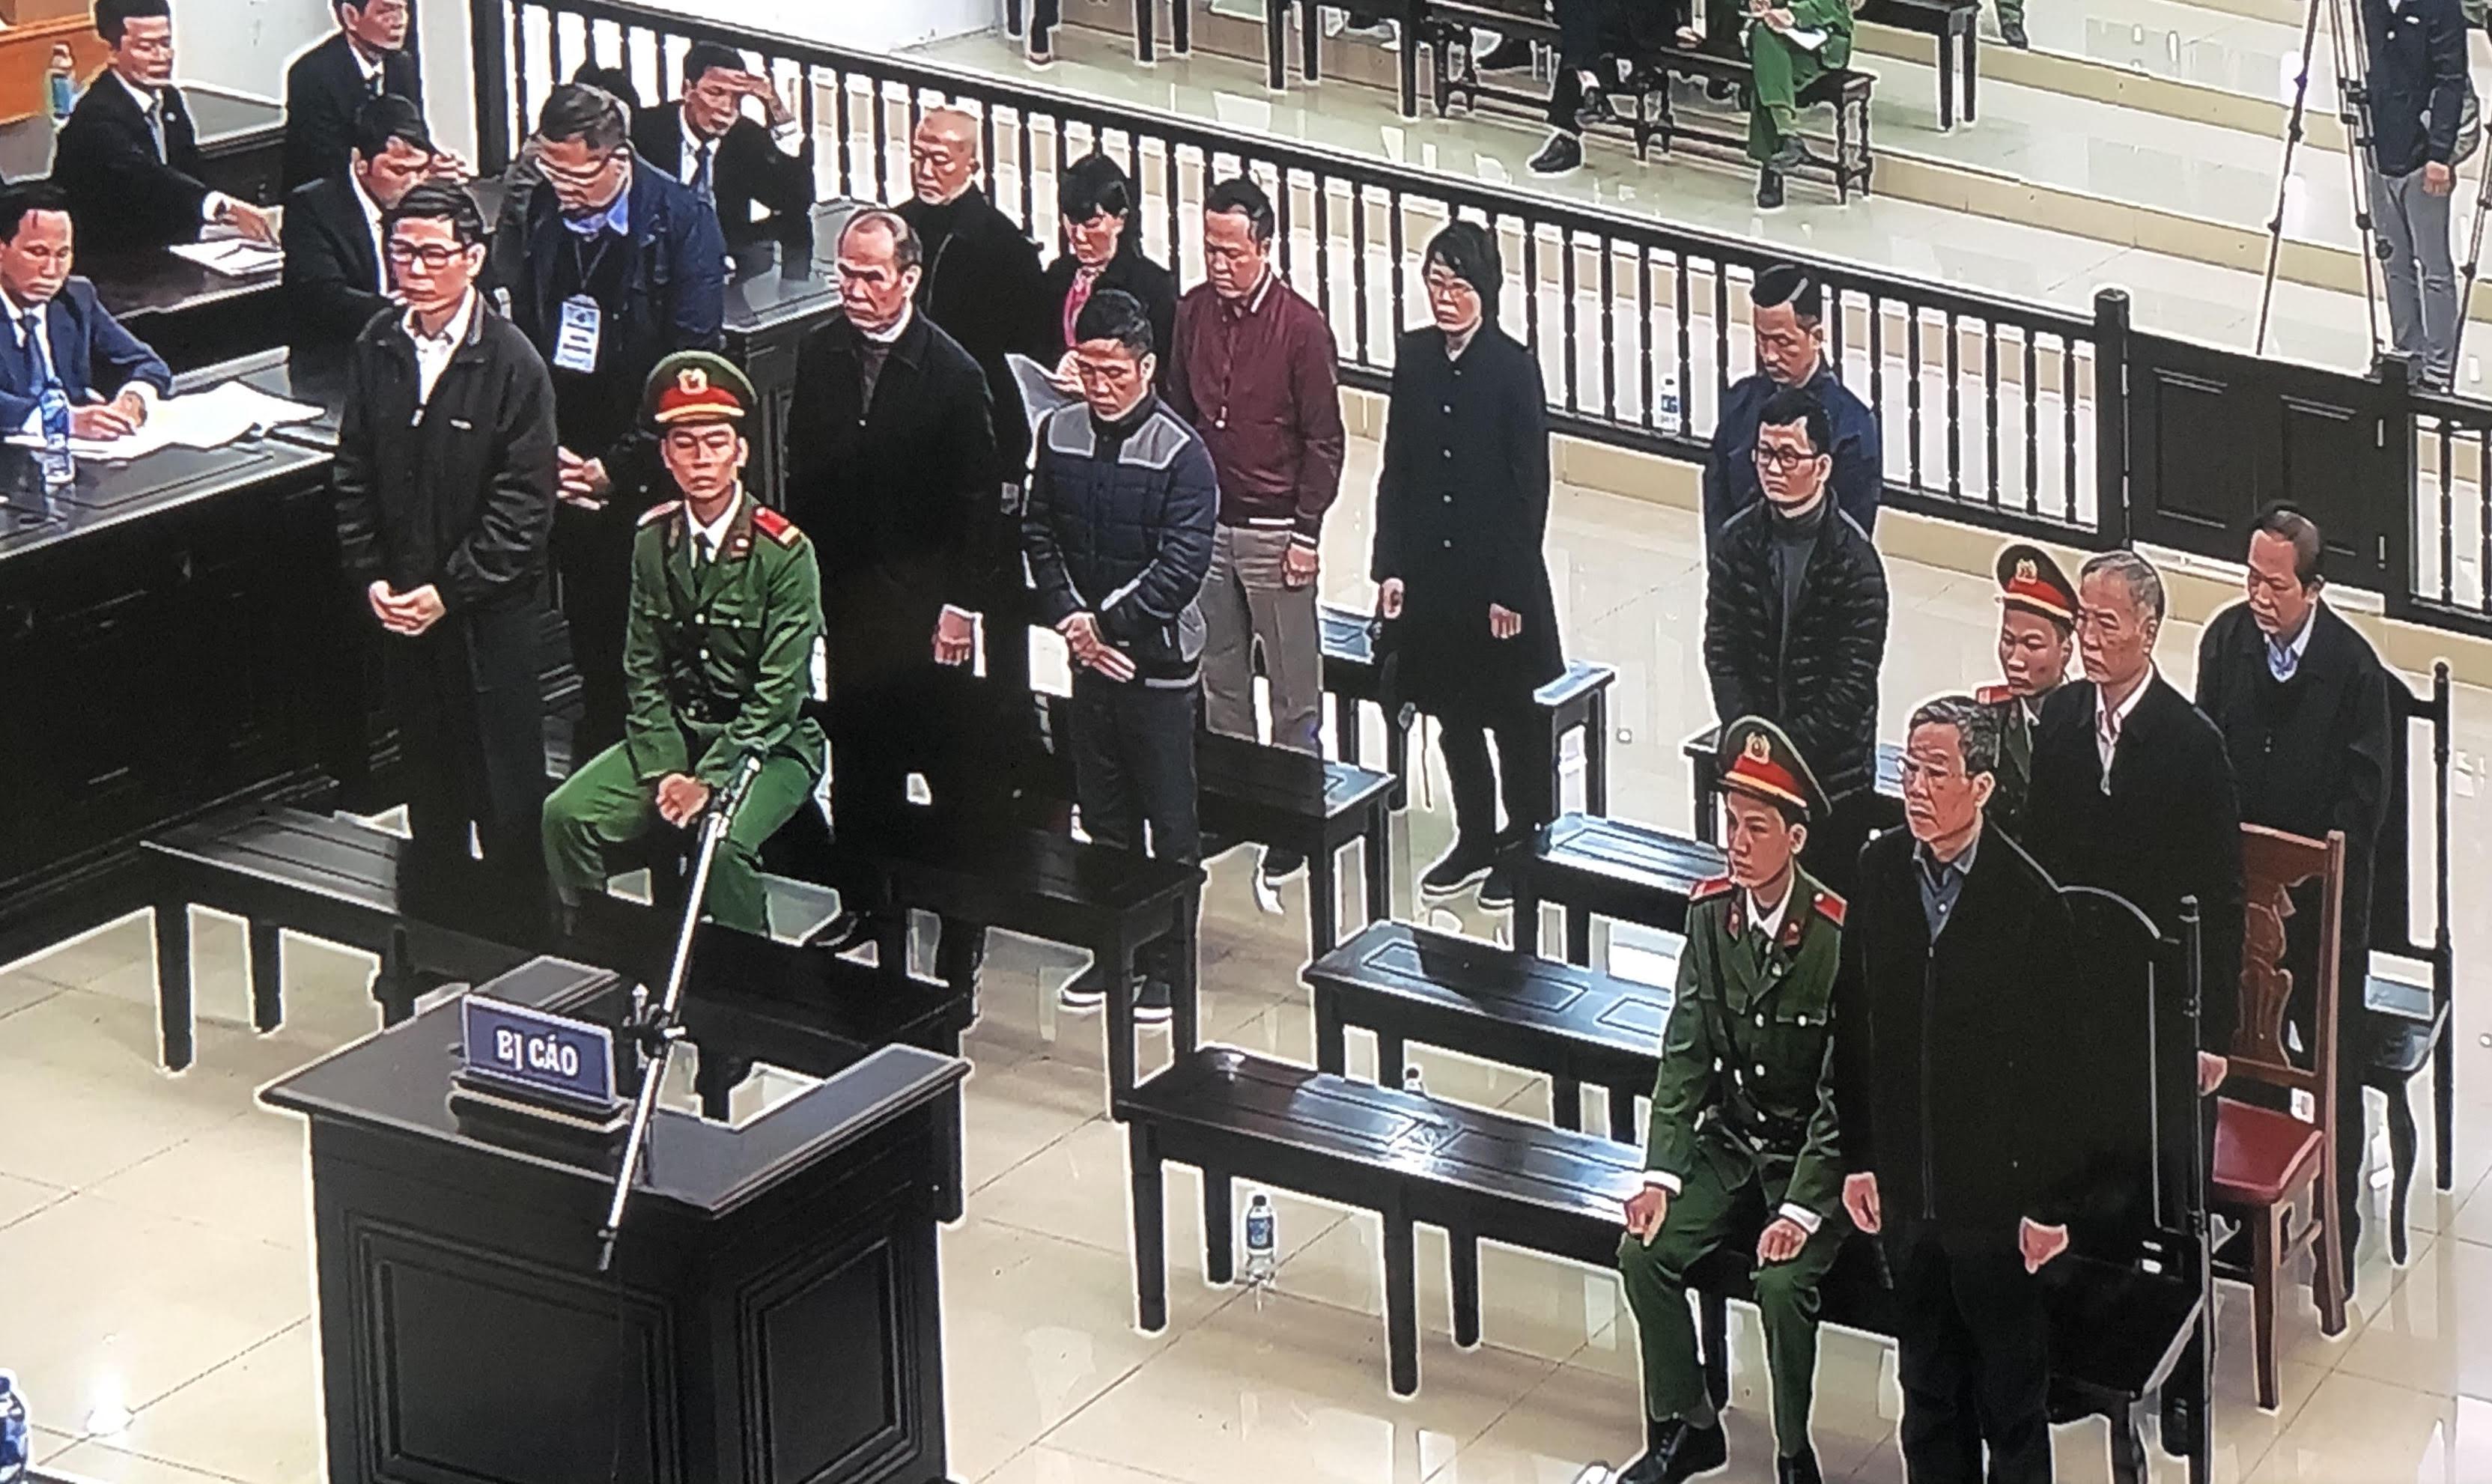 Bị cáo Nguyễn Bắc Son bị tuyên phạt tù chung thân